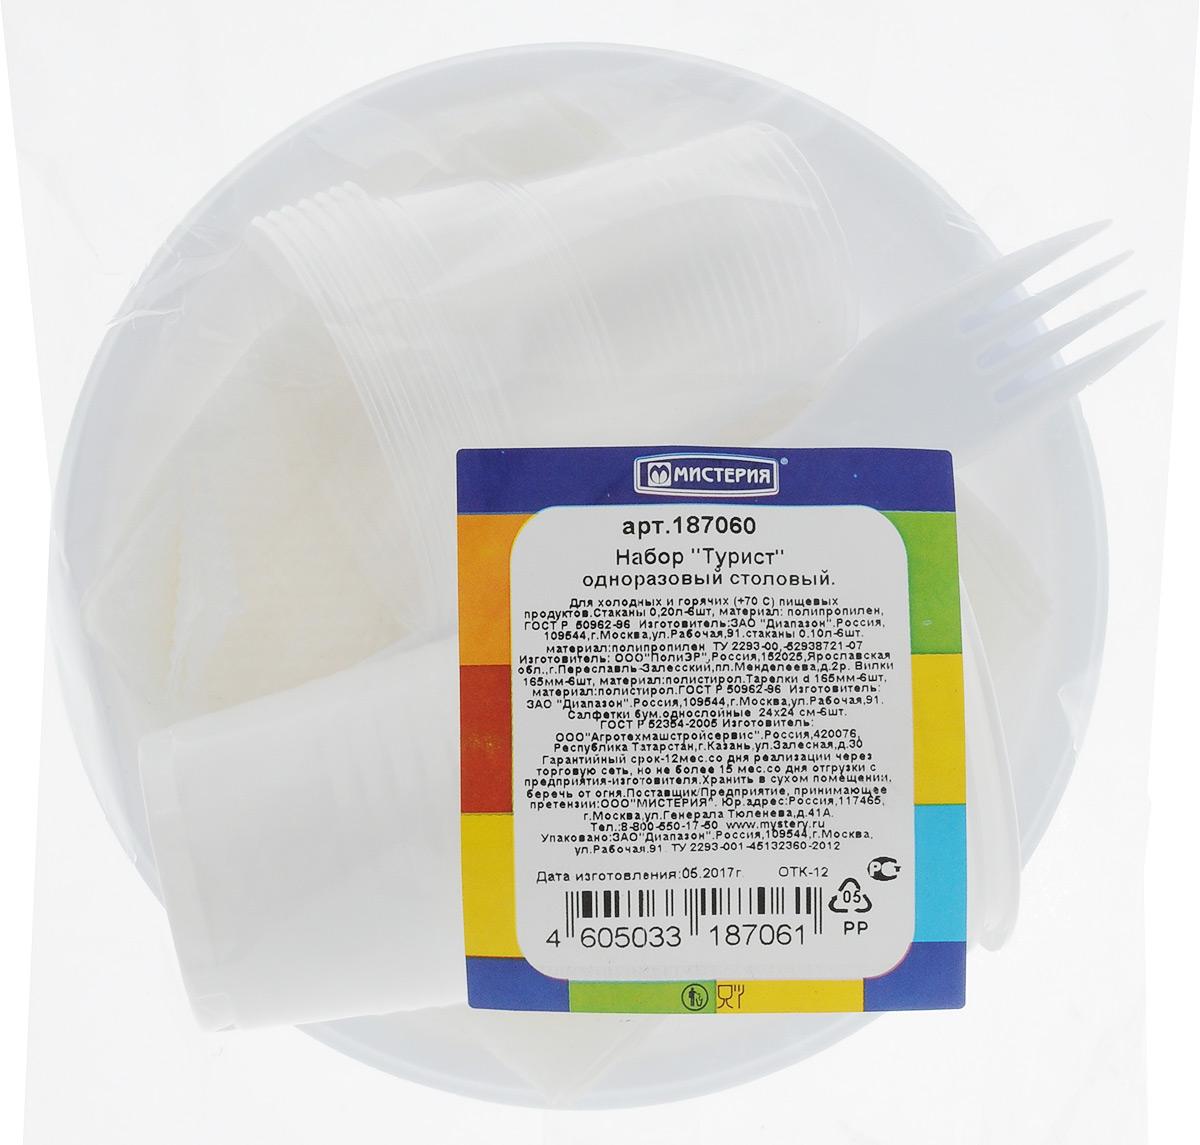 Набор одноразовой посуды Мистерия Турист, 30 предметов187060Набор одноразовой посуды Мистерия Турист на 6 персон включает 6 тарелок, 6 вилок, 6 больших стаканов, 6 маленьких стаканов и 6 салфеток. Посуда выполнена из пищевого пластика, предназначена для холодных и горячих (до +70°С) пищевых продуктов. Такой набор посуды отлично подойдет для отдыха на природе. В нем есть все необходимое для пикника. Он легкий и не занимает много места, а самое главное - после использования его не надо мыть. Объем большого стакана: 200 мл. Диаметр большого стакана (по верхнему краю): 7 см. Высота большого стакана: 9,5 см. Объем маленького стакана: 100 мл. Диаметр маленького стакана (по верхнему краю): 6,5 см. Высота маленького стакана: 6,5 см. Диаметр тарелки: 16,5 см. Длина вилки: 16,5 см. Размер салфетки: 24 х 24 см.